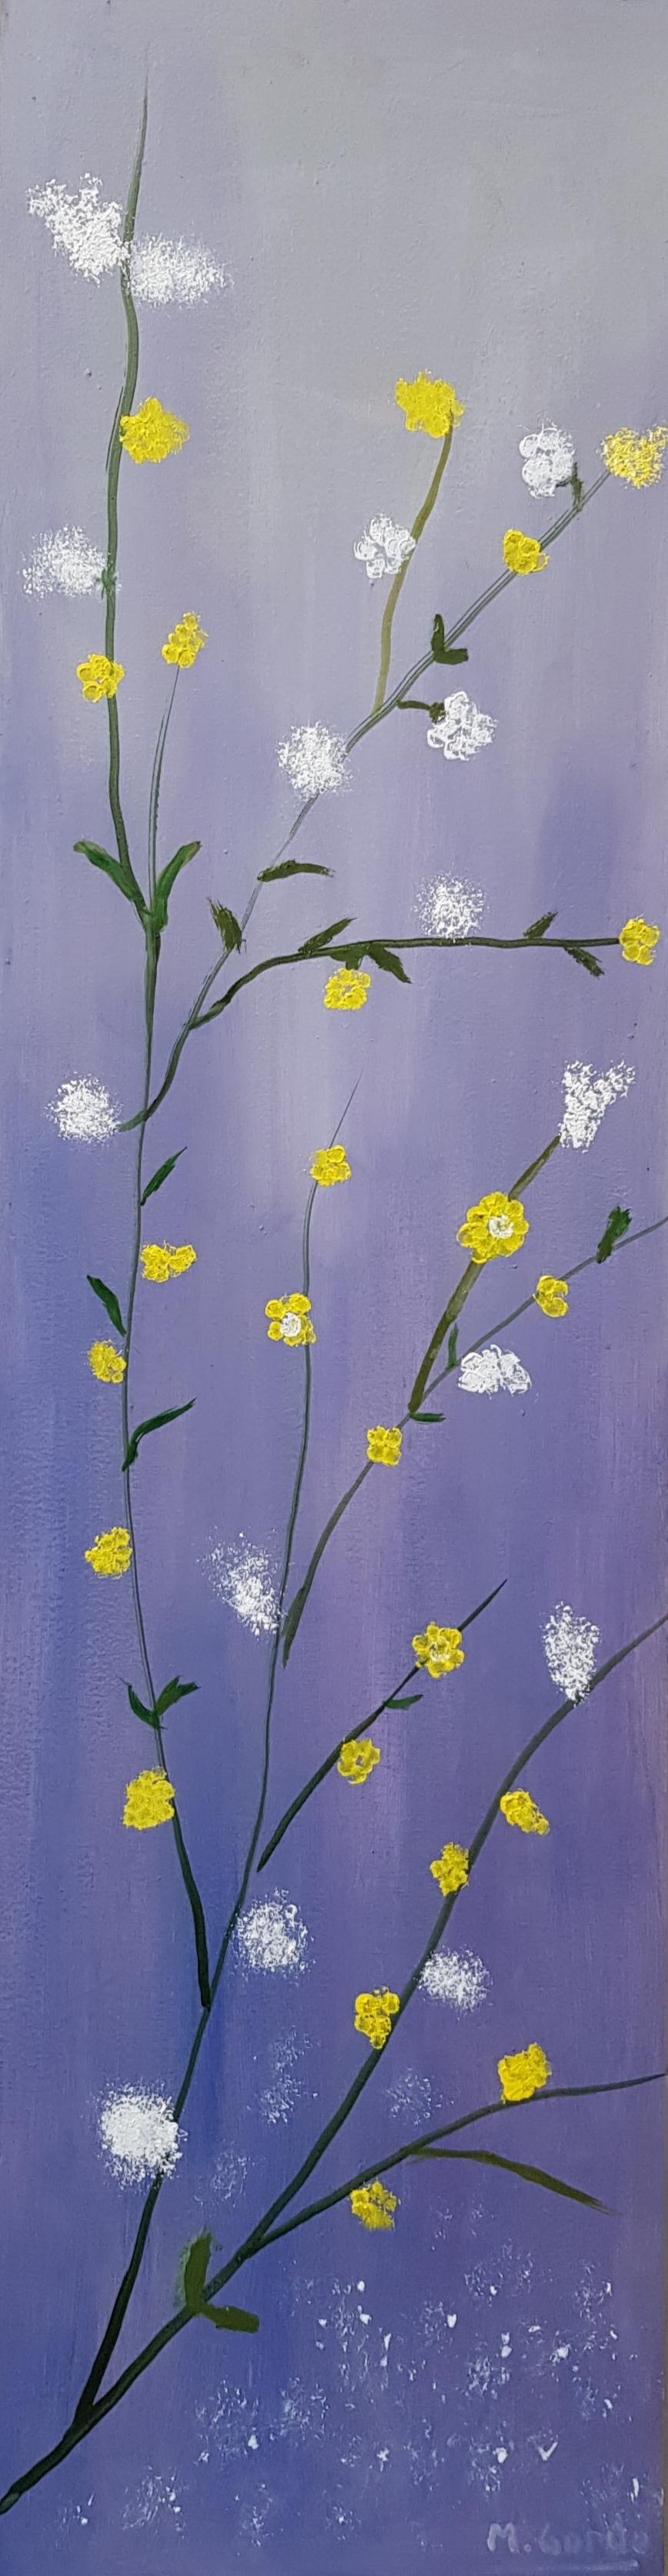 Flores. 7 amarillas